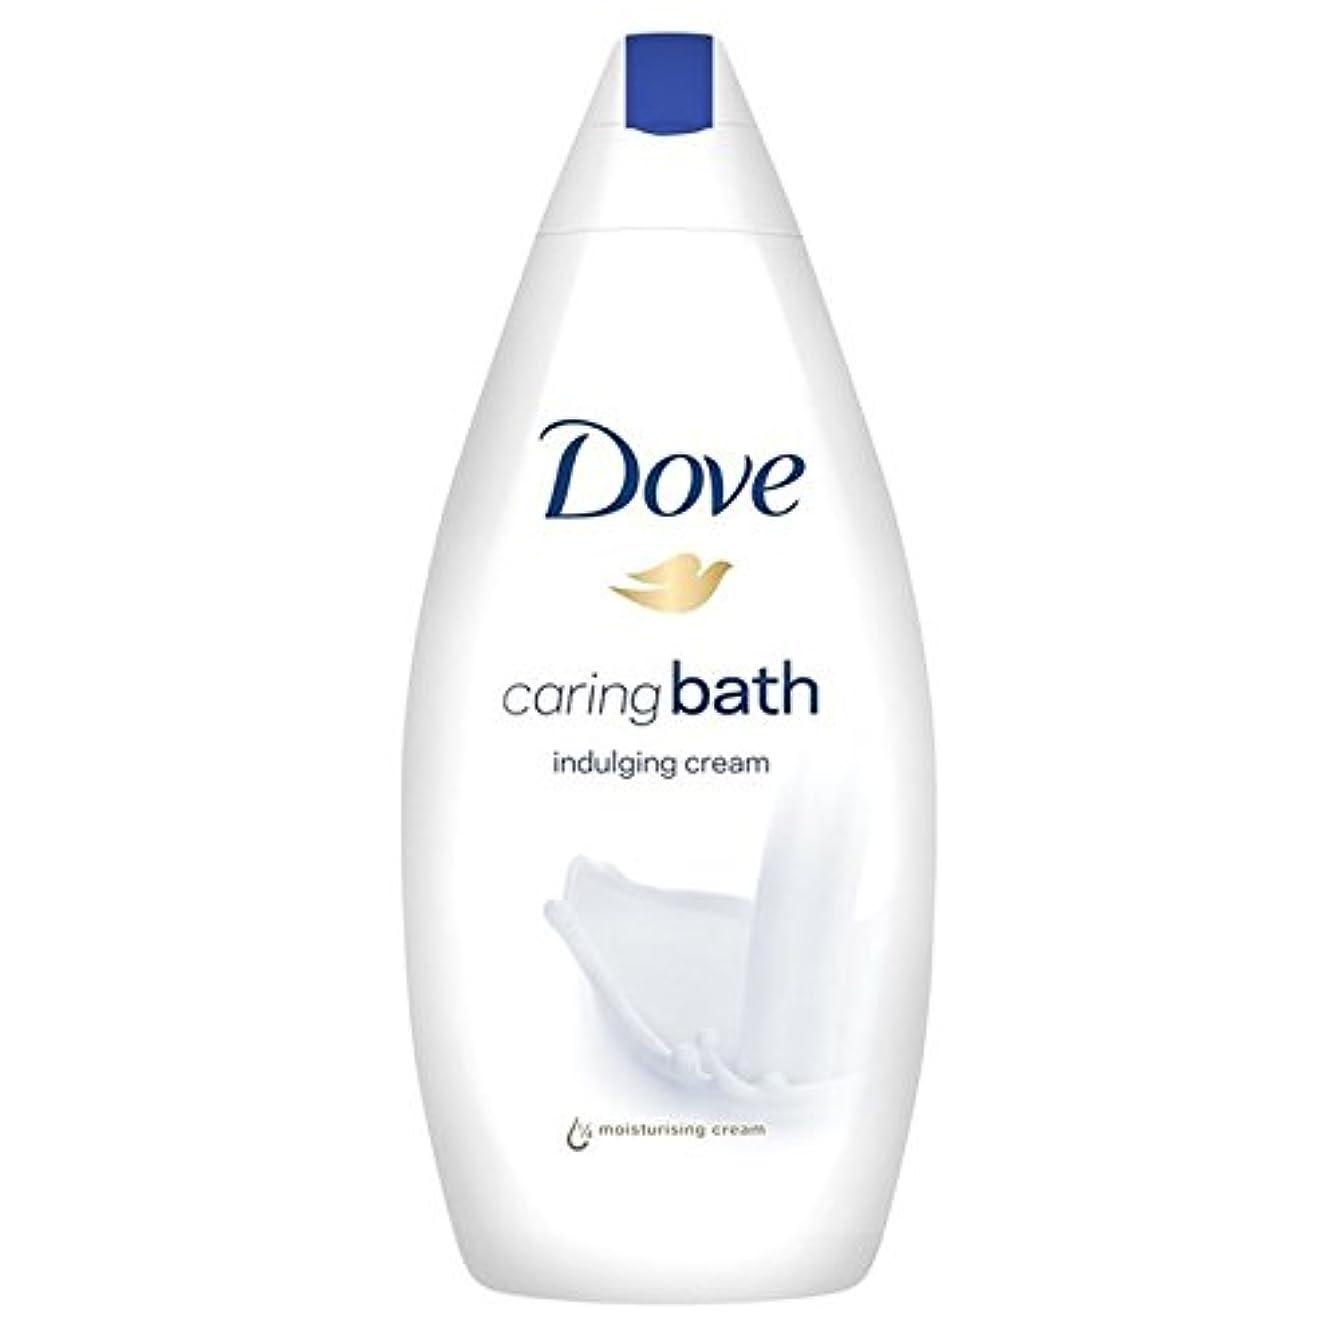 摩擦プレビュー潜在的な思いやりのバス500ミリリットルをふける鳩 x4 - Dove Indulging Caring Bath 500ml (Pack of 4) [並行輸入品]